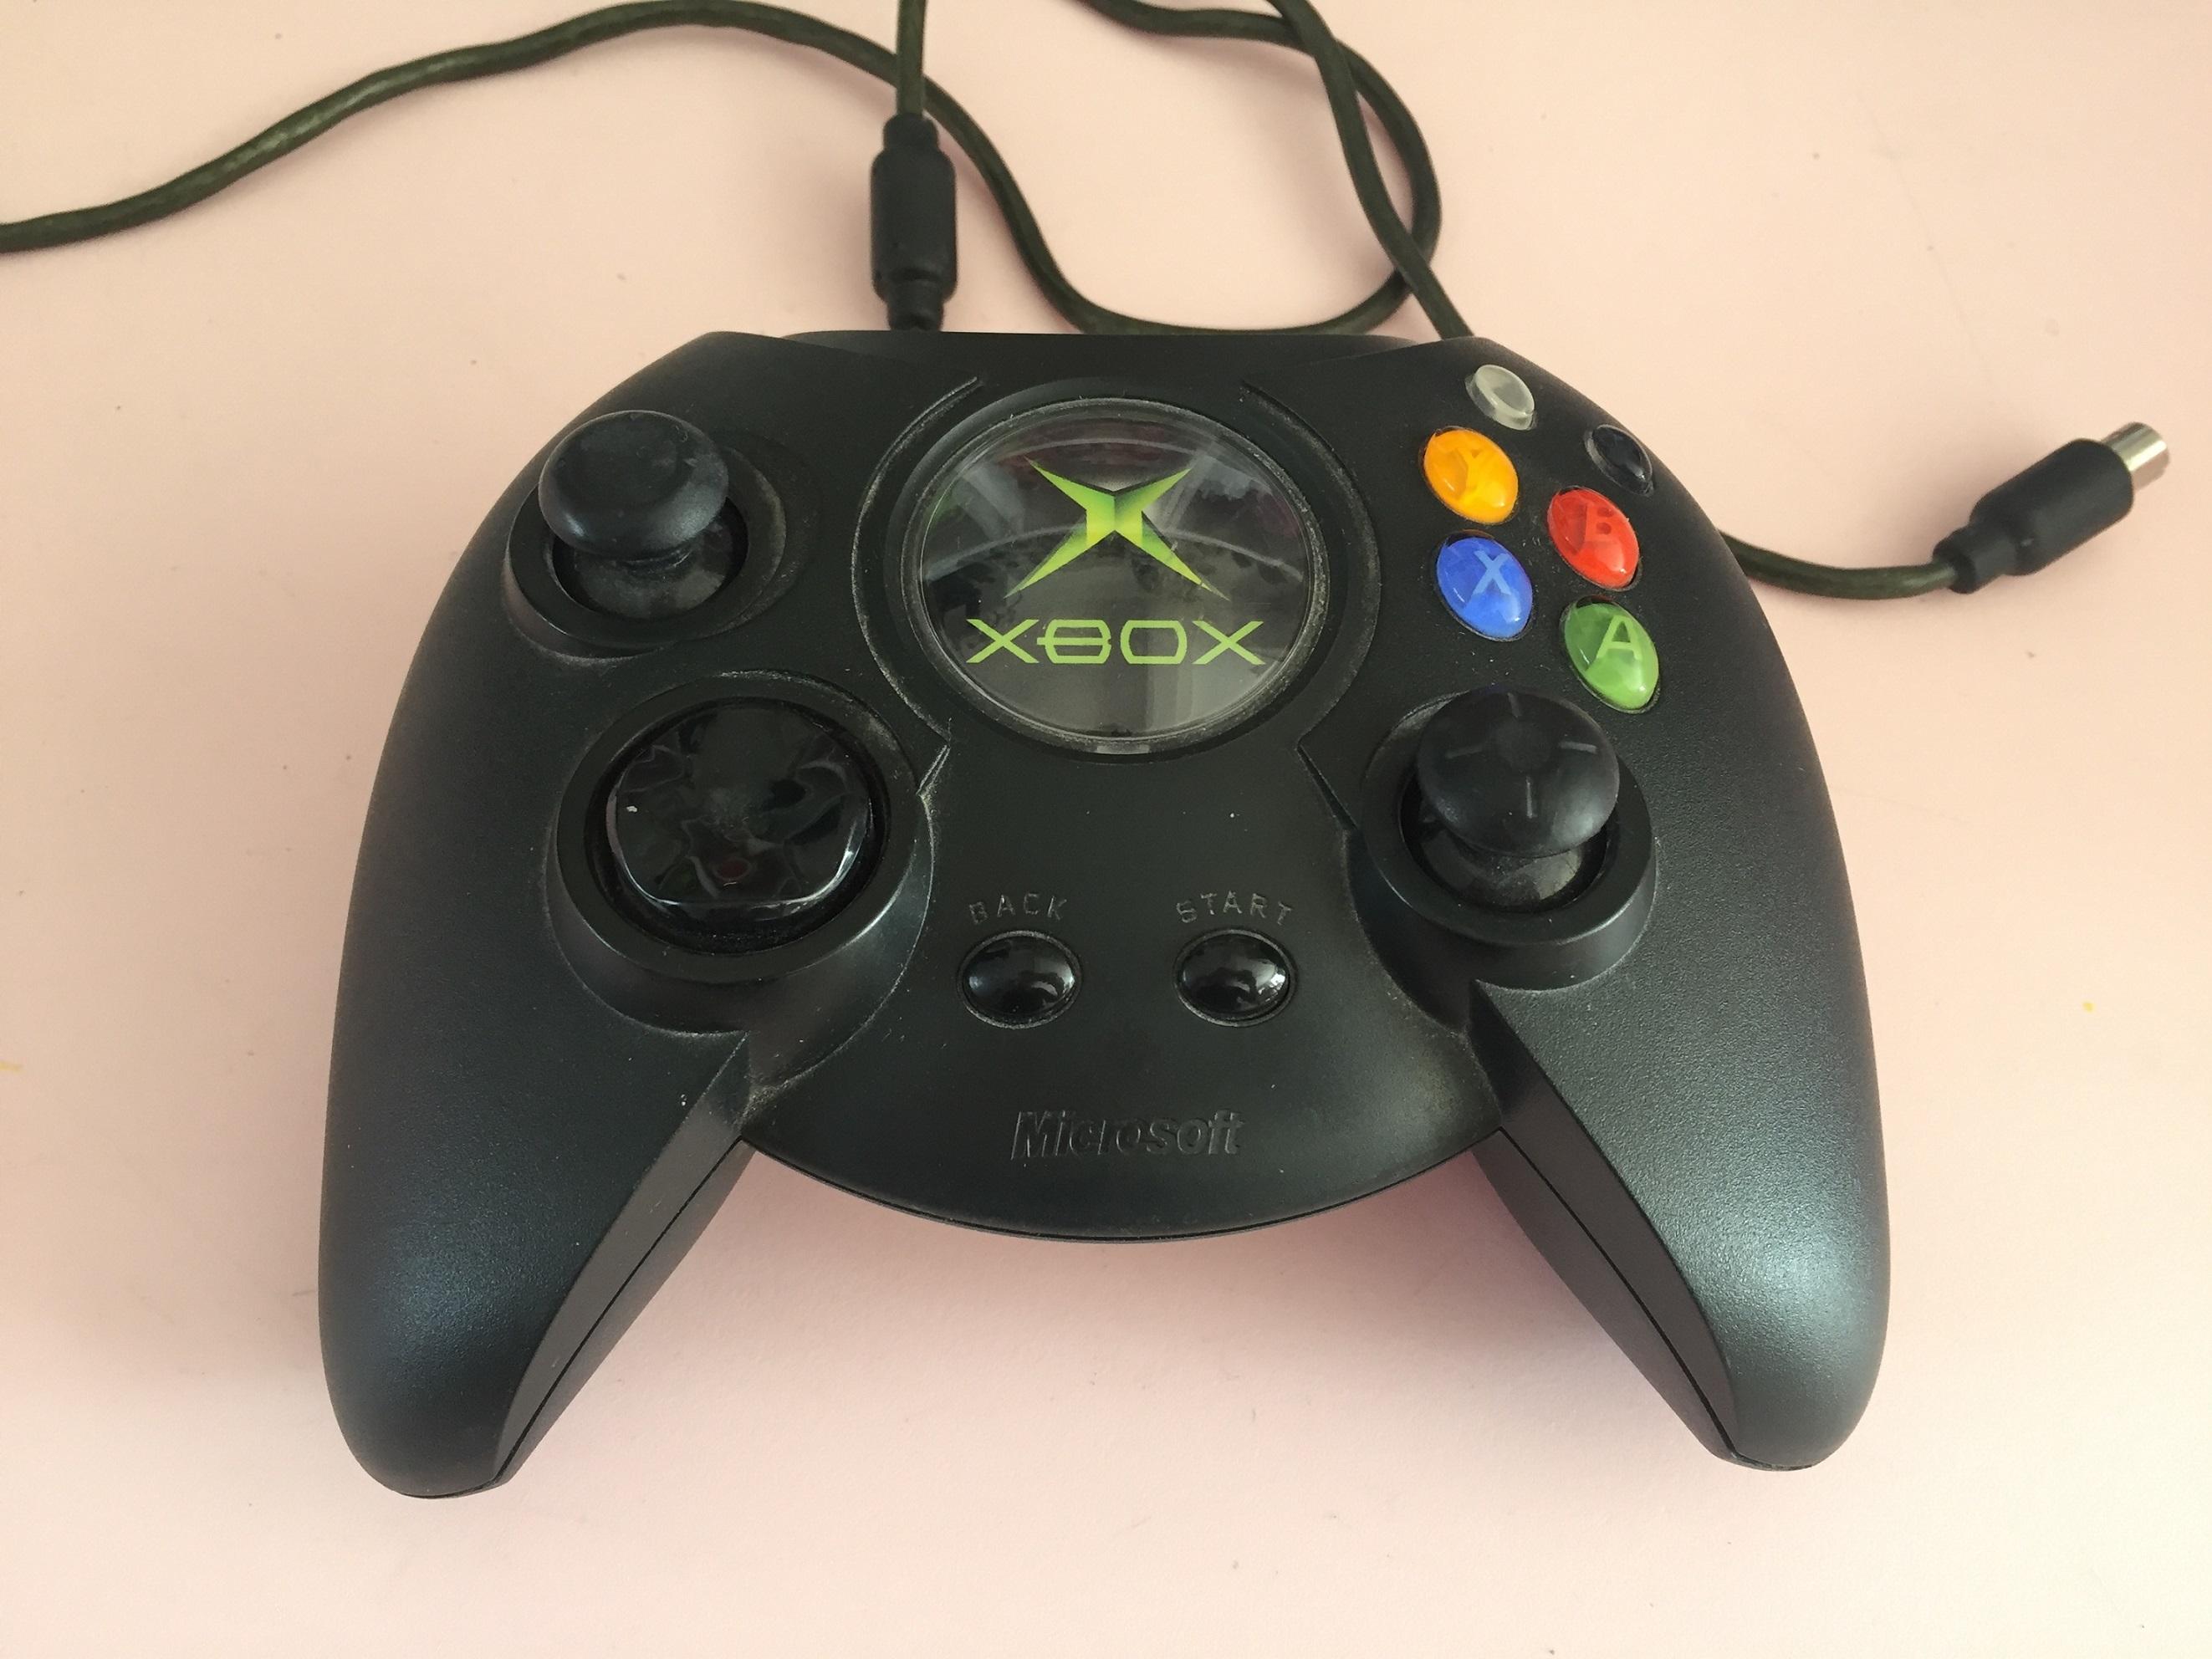 Manette controller X08-17160 console microsoft xbox 1ère génération